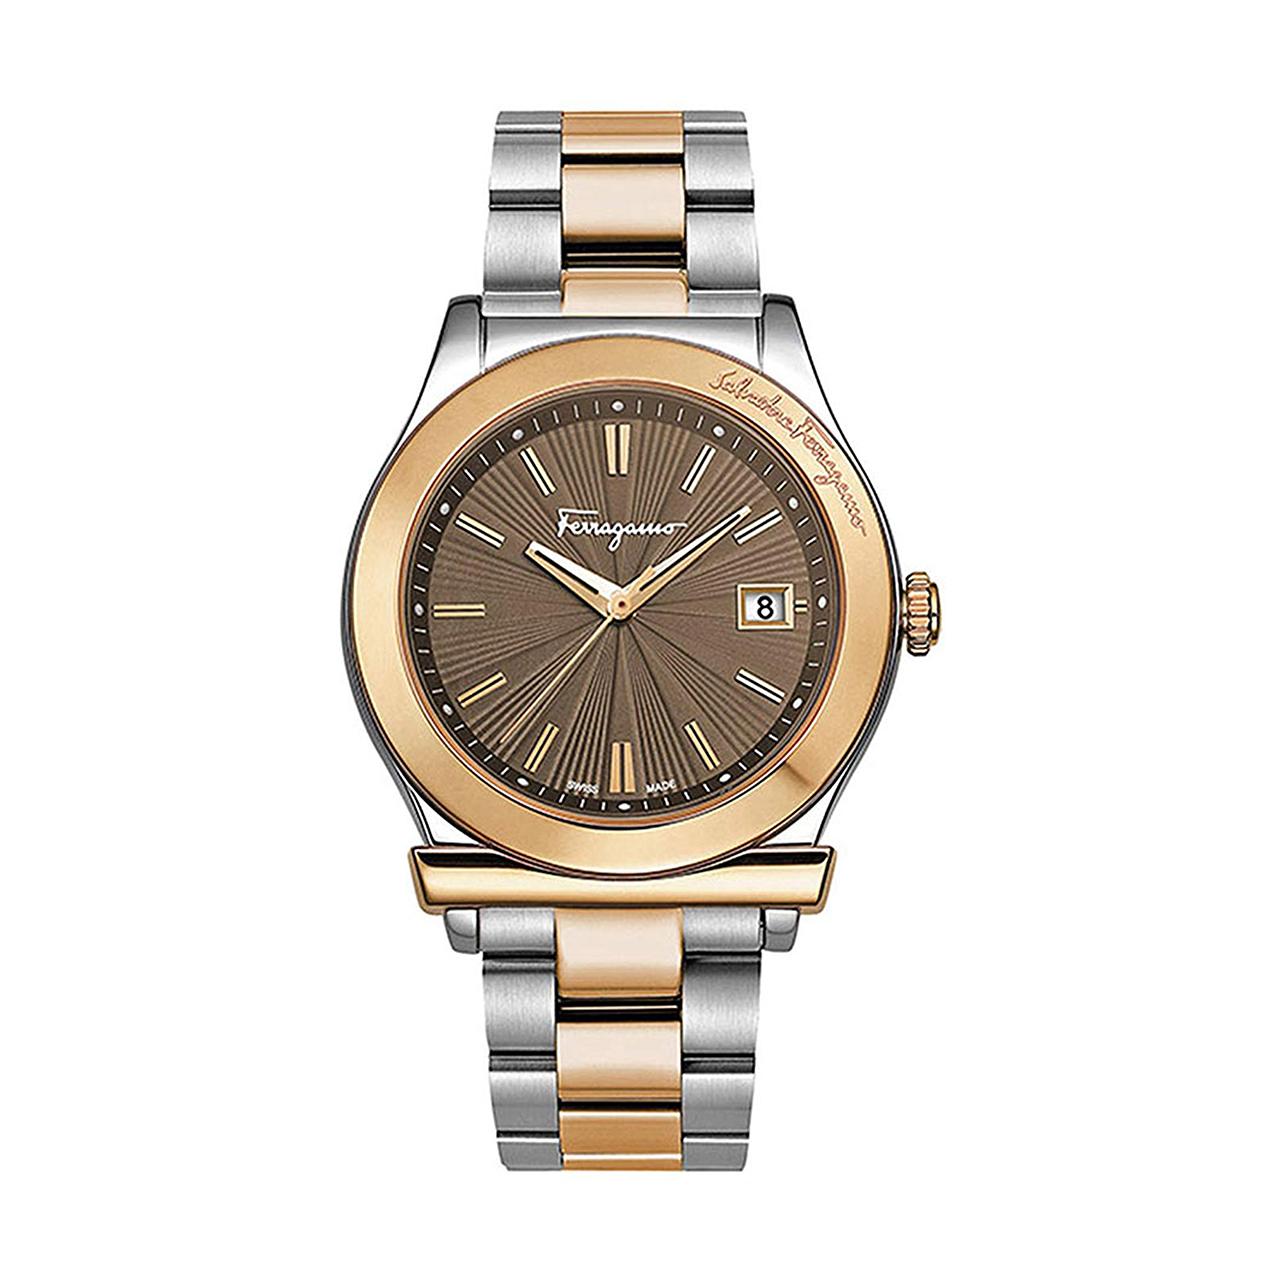 ساعت مچی عقربه ای زنانه سالواتوره فراگامو مدل FF3290016